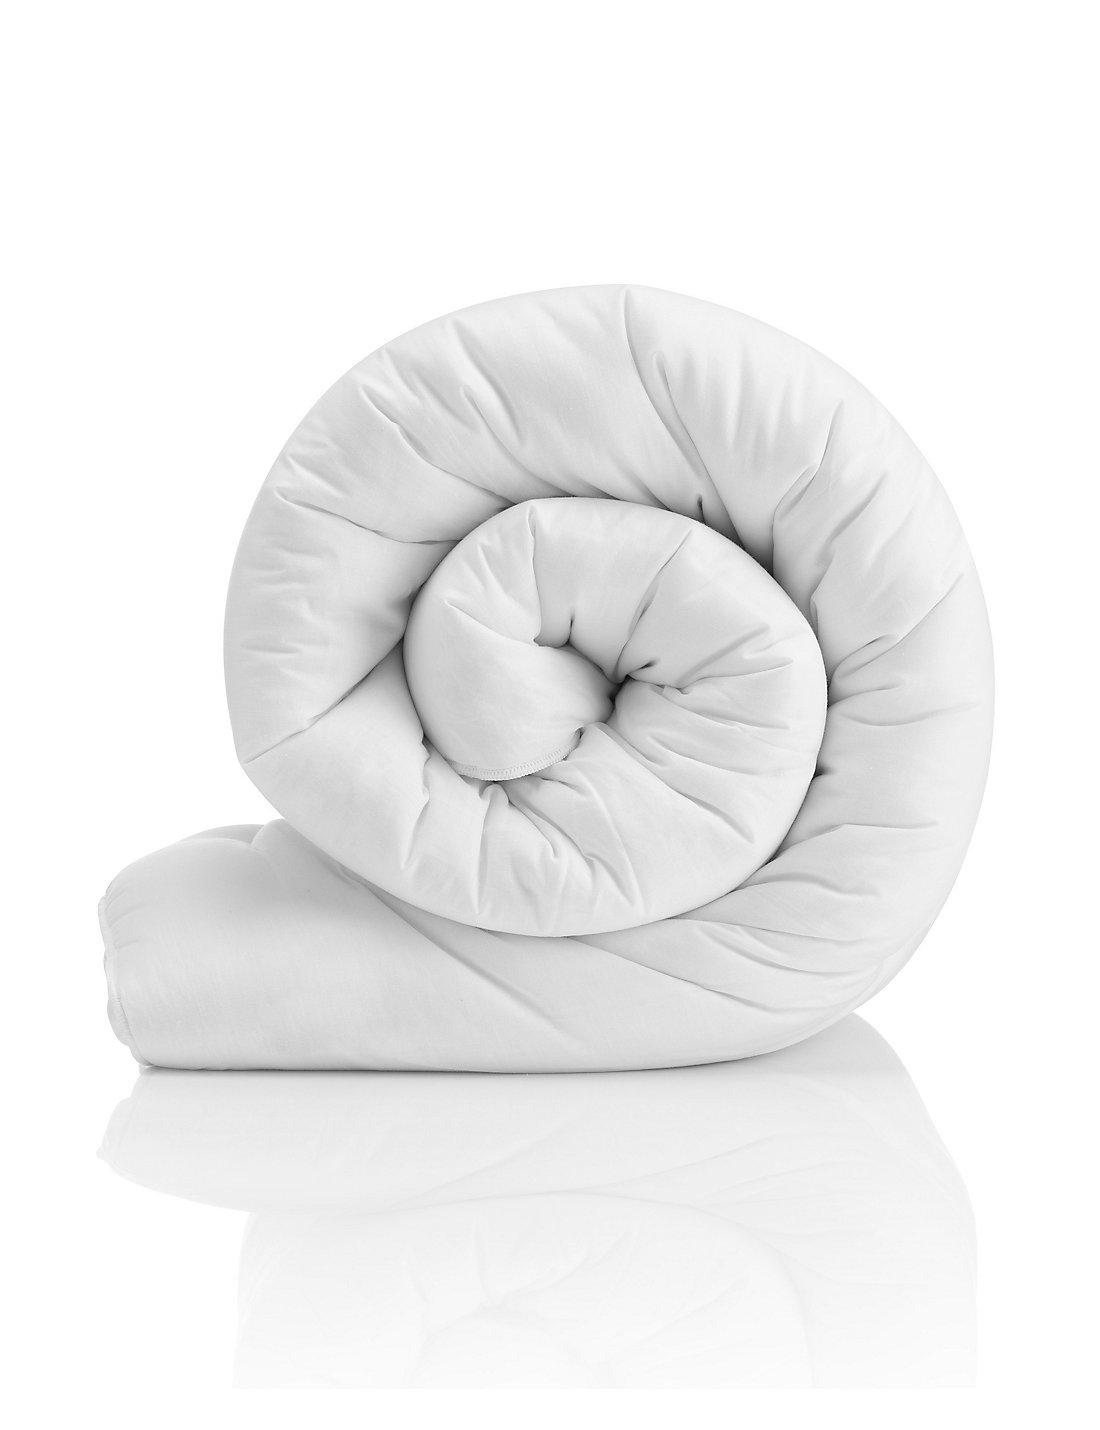 Premium Duvet With Silk 13 5 Tog